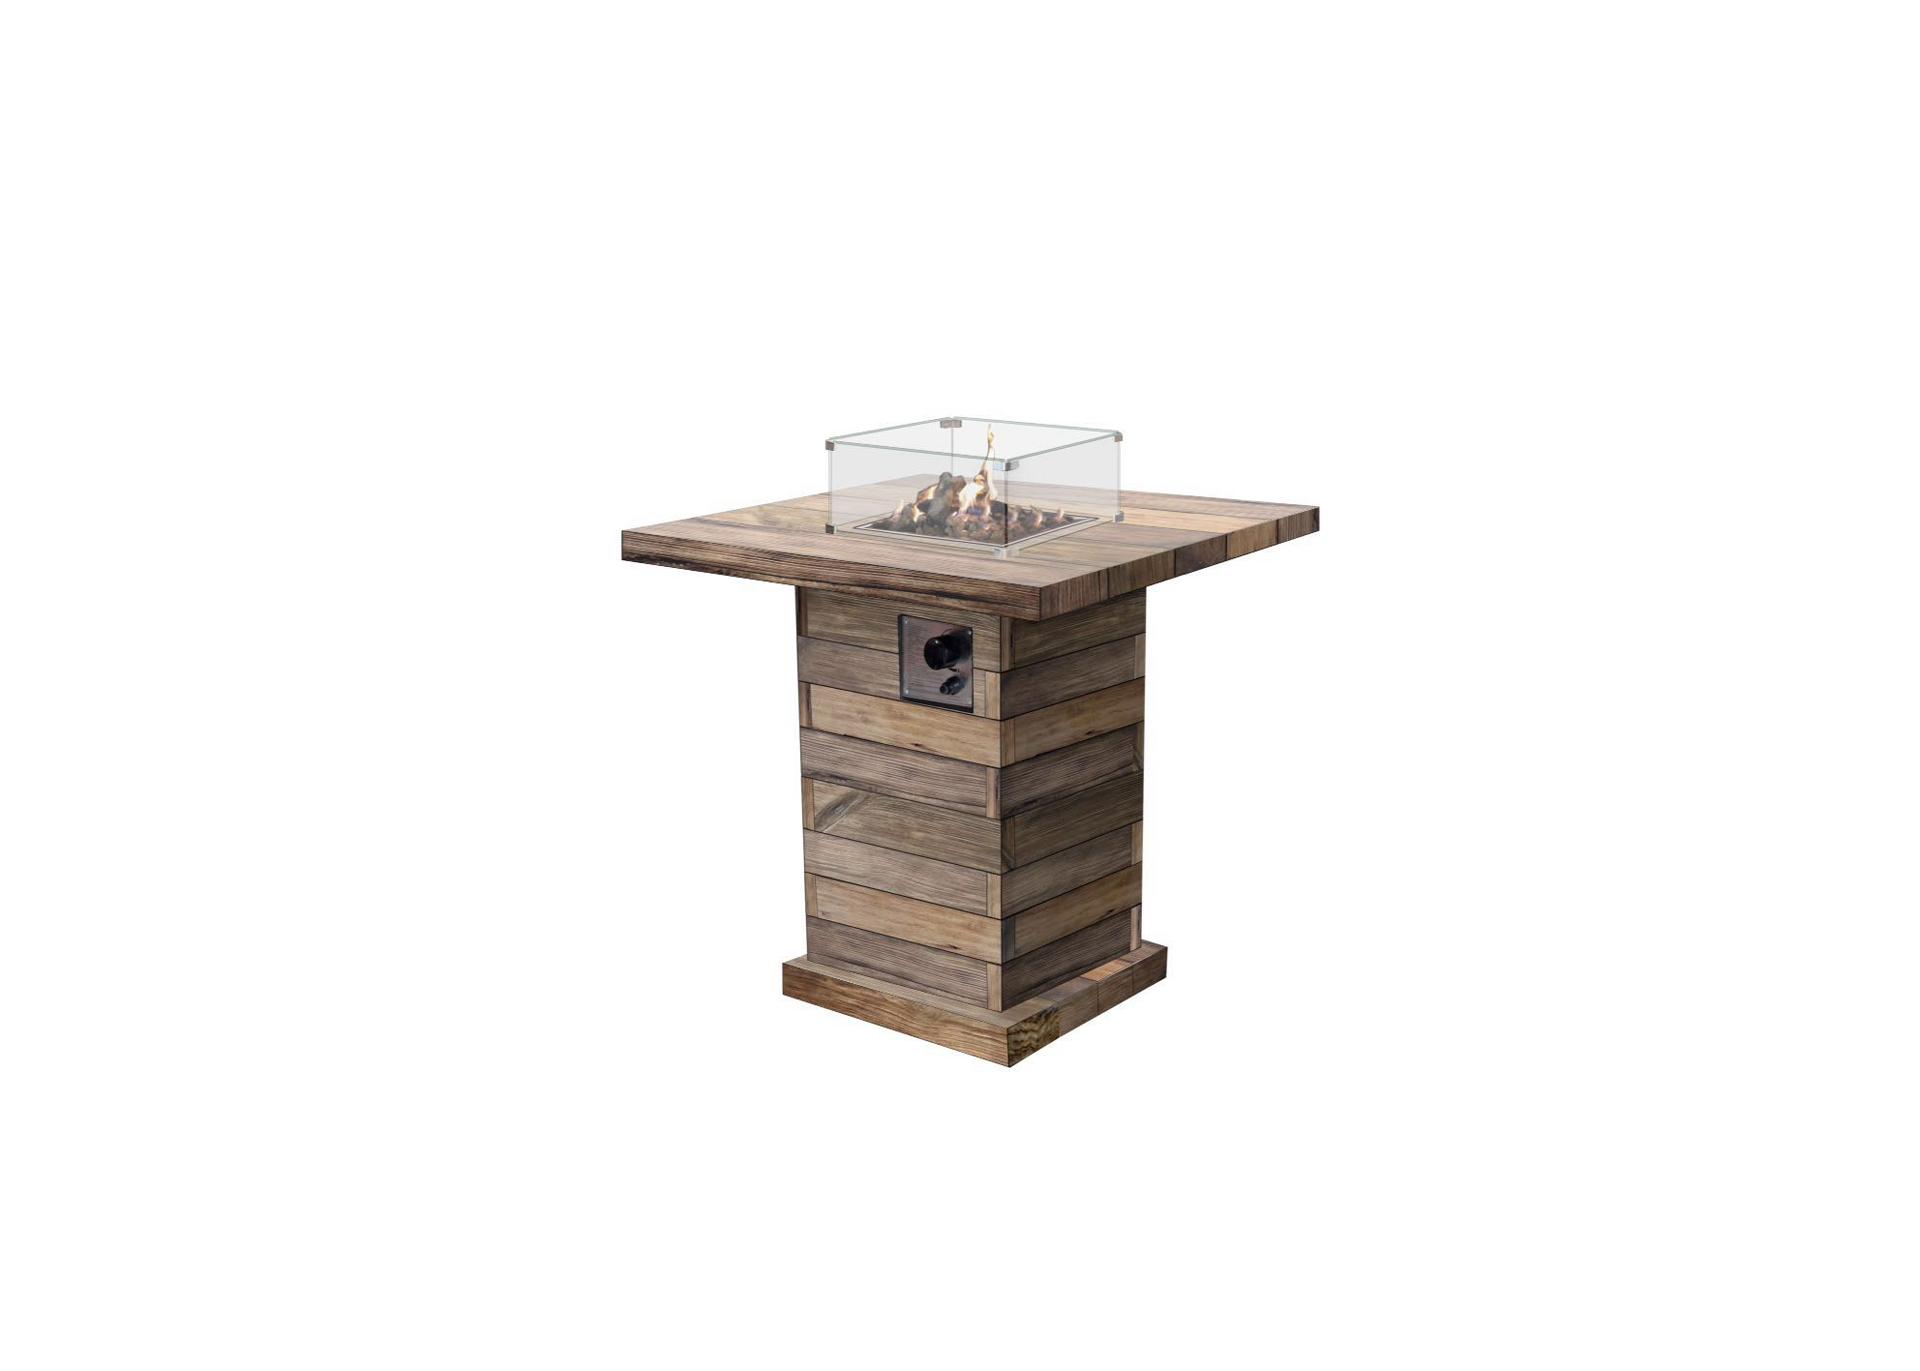 Gas Feuerstelle im Holz Design